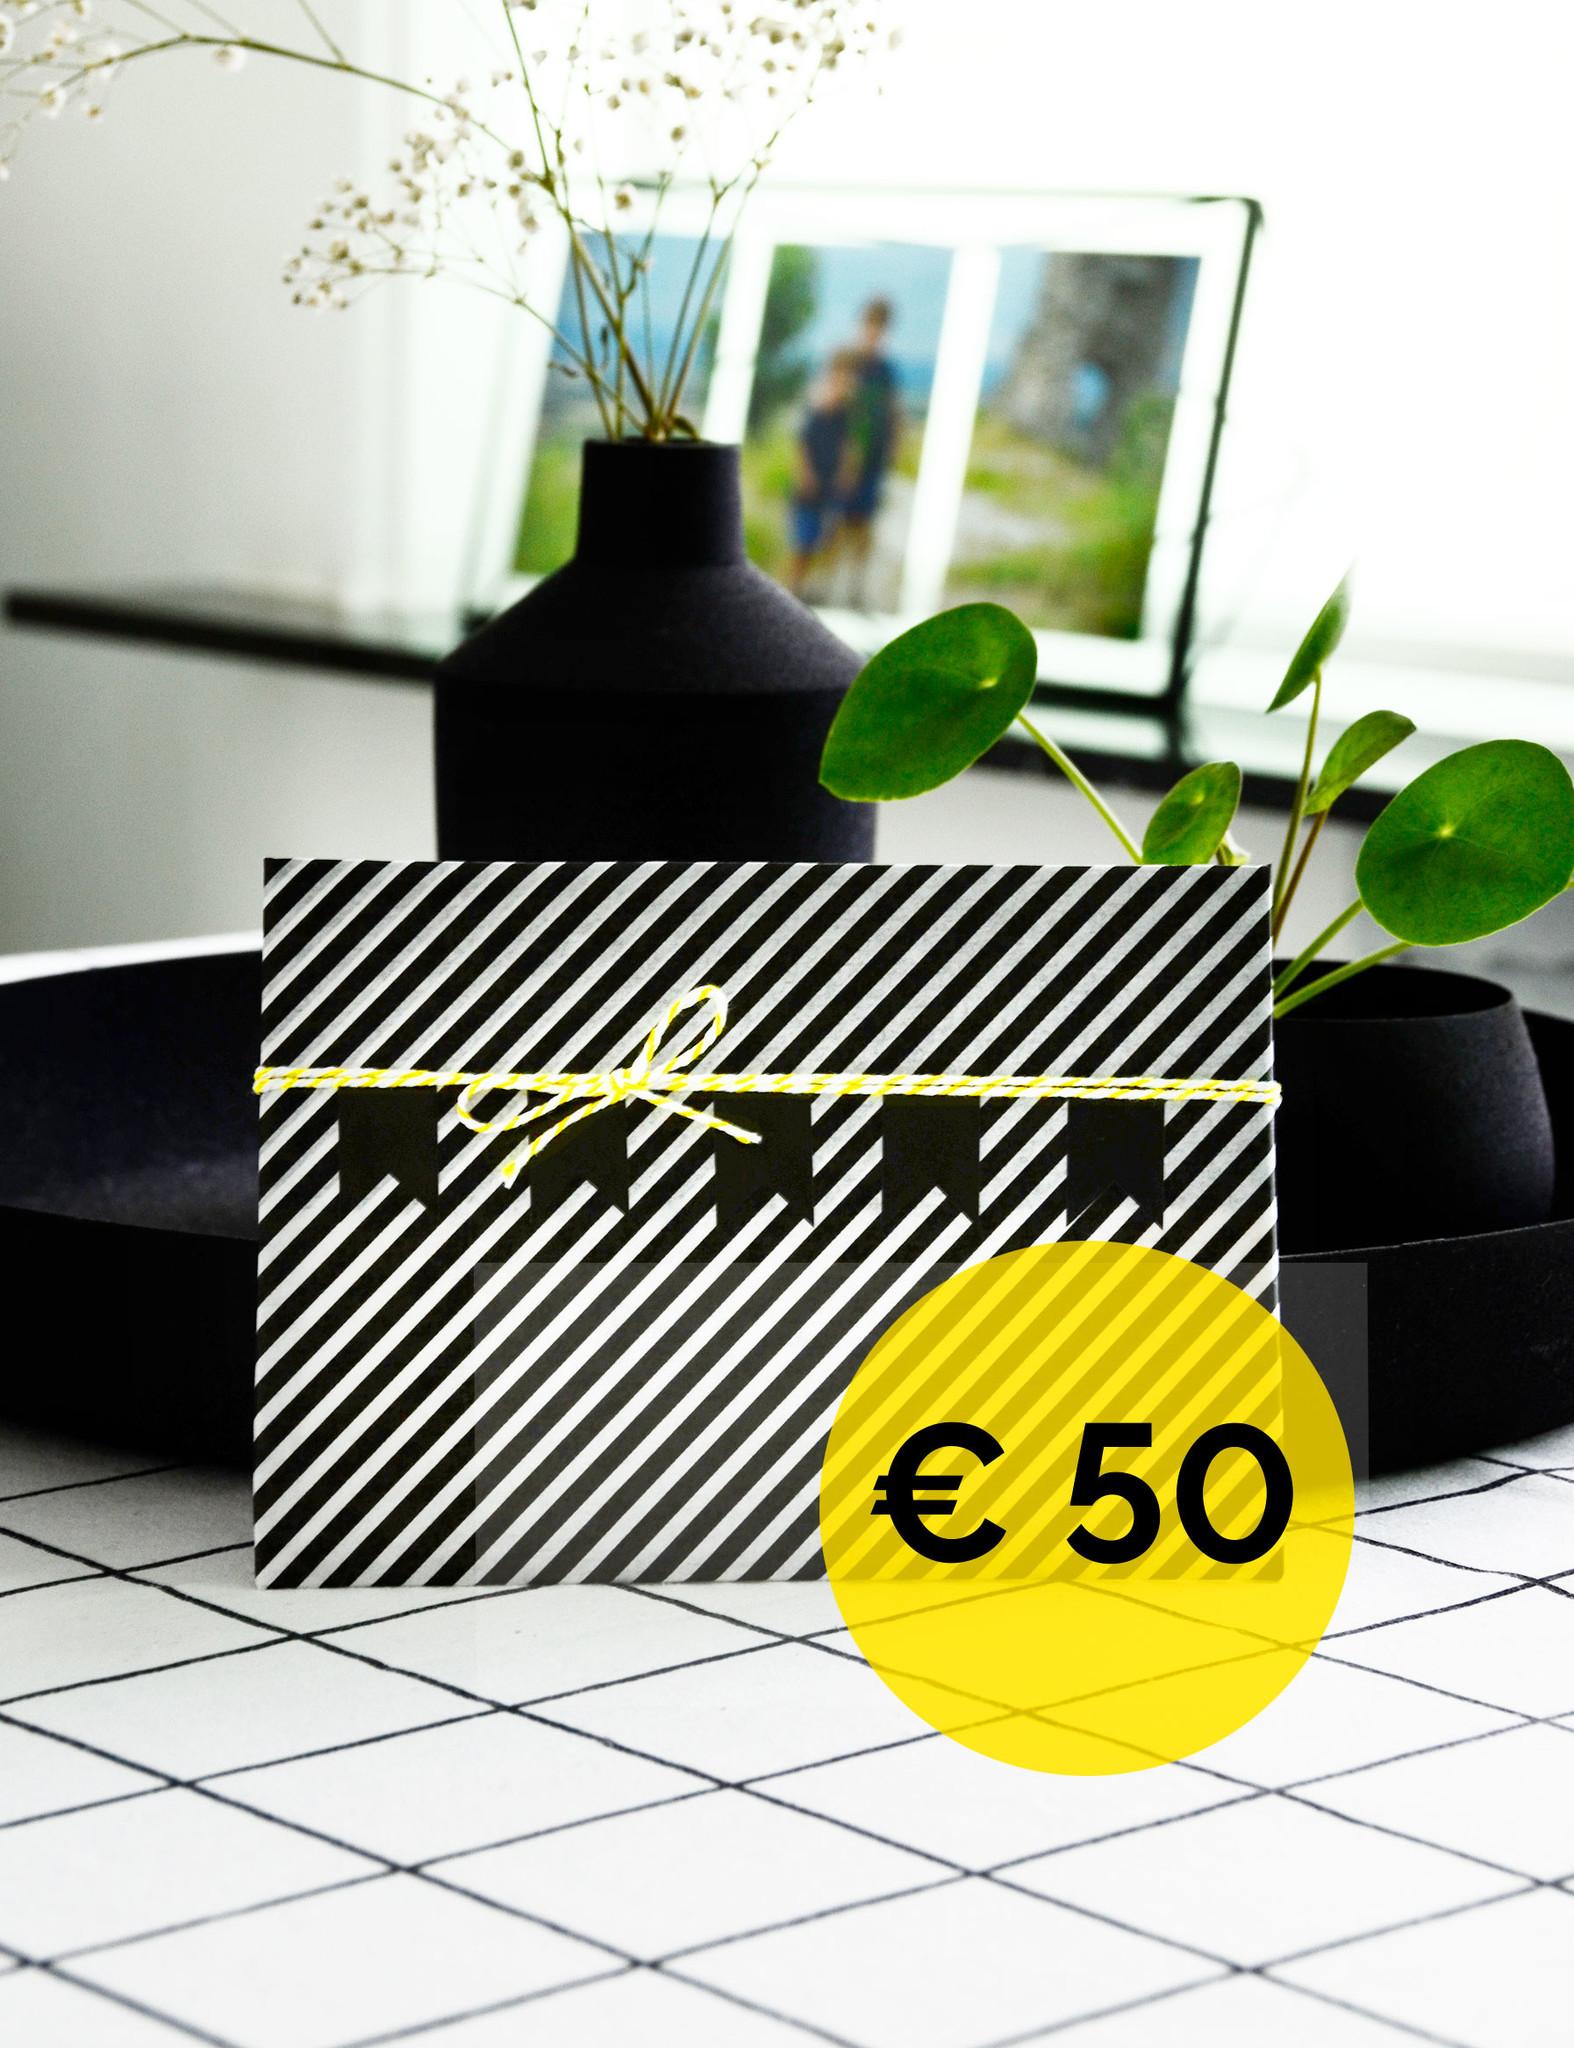 cadeaubon - waarde € 50,00